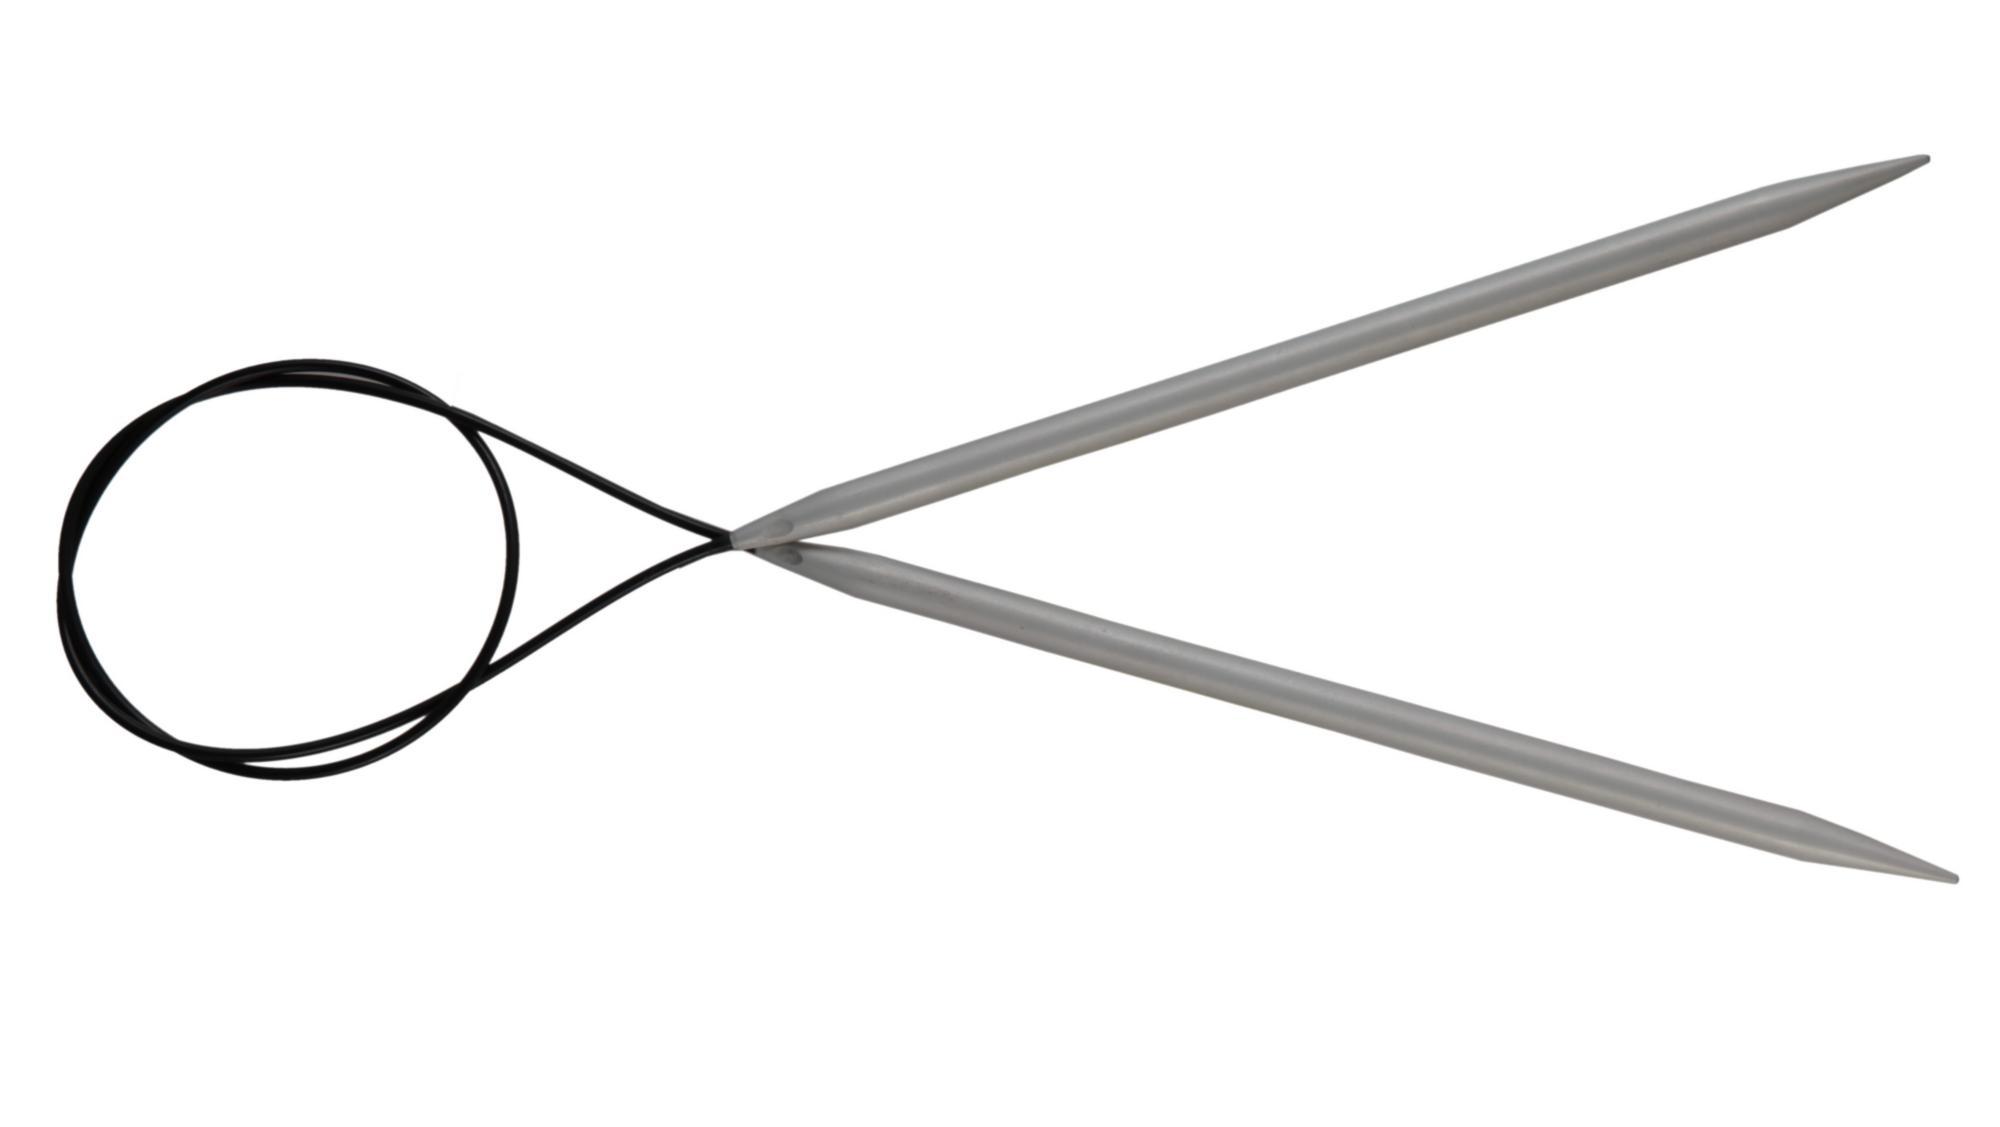 Спицы круговые 100 см Basix Aluminium KnitPro, 45346, 4.50 мм